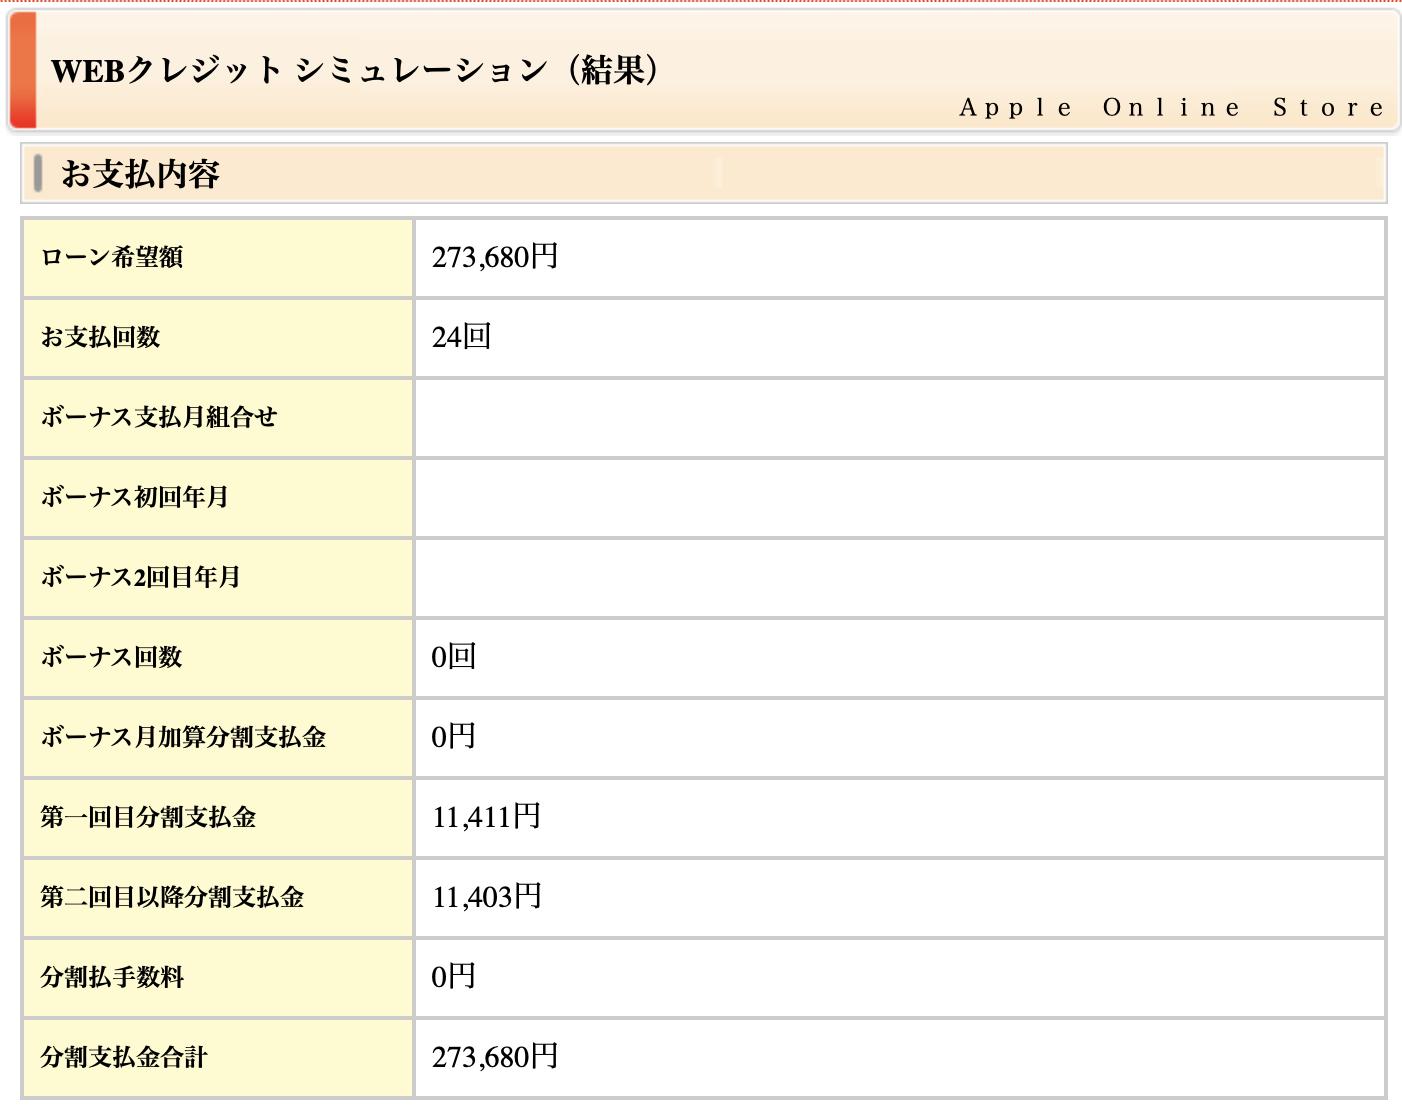 審査 Apple オリコ